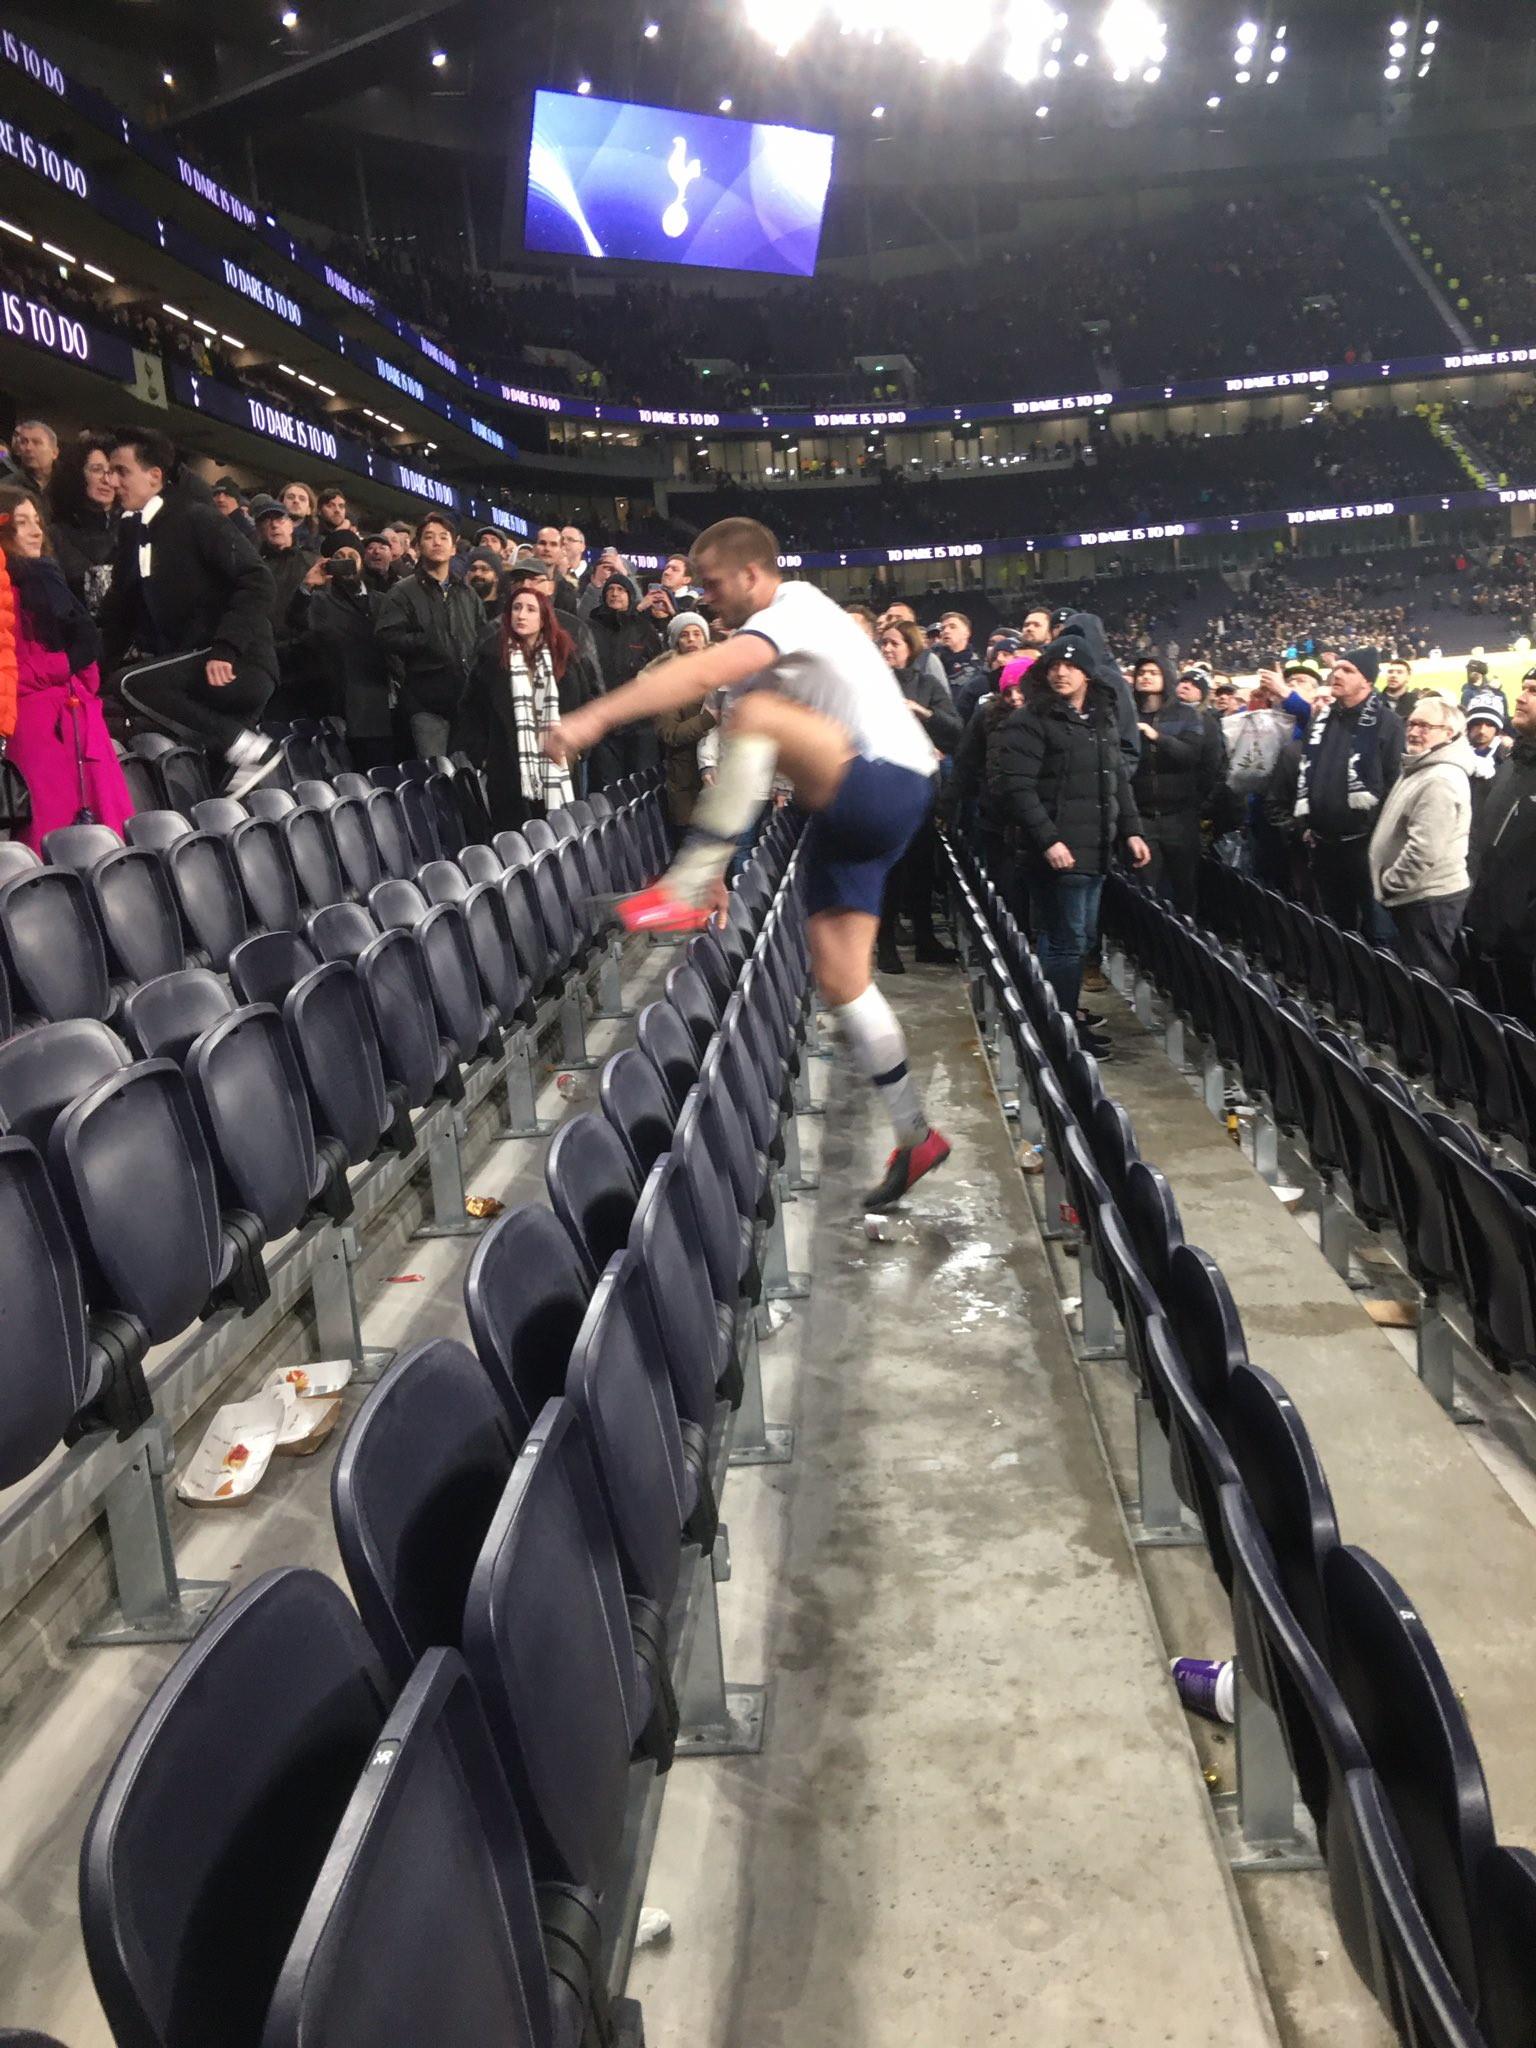 """<p style=""""text-align: justify;"""">Il giocatore&nbsp;del Tottenham Eric Dier&nbsp;&egrave;&nbsp;stato squalificato per quattro partite per essere salito sugli spalti per affrontare un tifoso dopo la sconfitta della sua squadra nella Coppa d&#39;Inghilterra a marzo. L&#39;incidente &egrave;&nbsp;avvenuto dopo che il Tottenham ha perso ai rigori contro il Norwich, Dier si diresse verso un&#39;area del campo di fronte alla tribuna dove sedevano il fratello minore e la famiglia. Dier era stato offeso verbalmente da uno spettatore, quindi era salito sugli spalti e si era arrampicato dopo aver visto suo fratello litigare con lo spettatore. Dier&nbsp;&egrave;&nbsp;stato squalificato per condotta &quot;minacciosa&quot; ed &egrave;&nbsp;stato multato di 50.000 sterline.<br /><br />"""